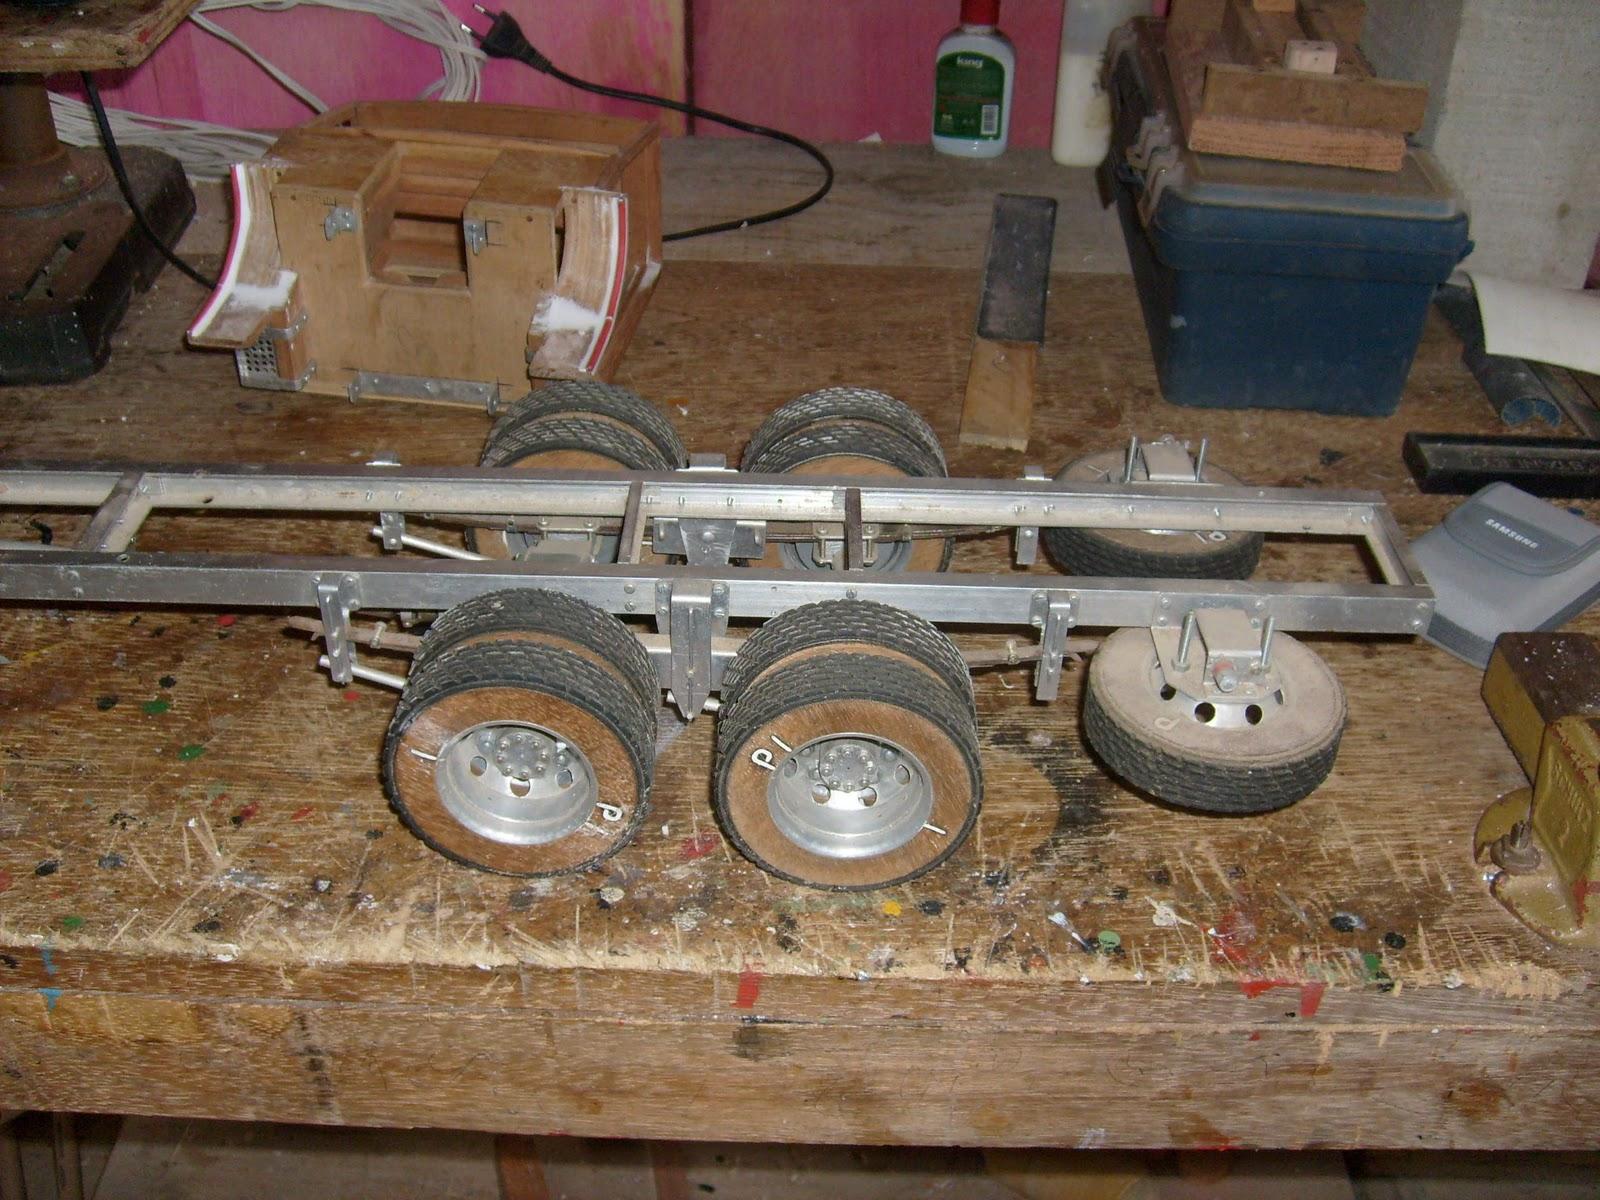 em construção comk pode reparar contém fexo de mola transmissão #86455B 1600x1200